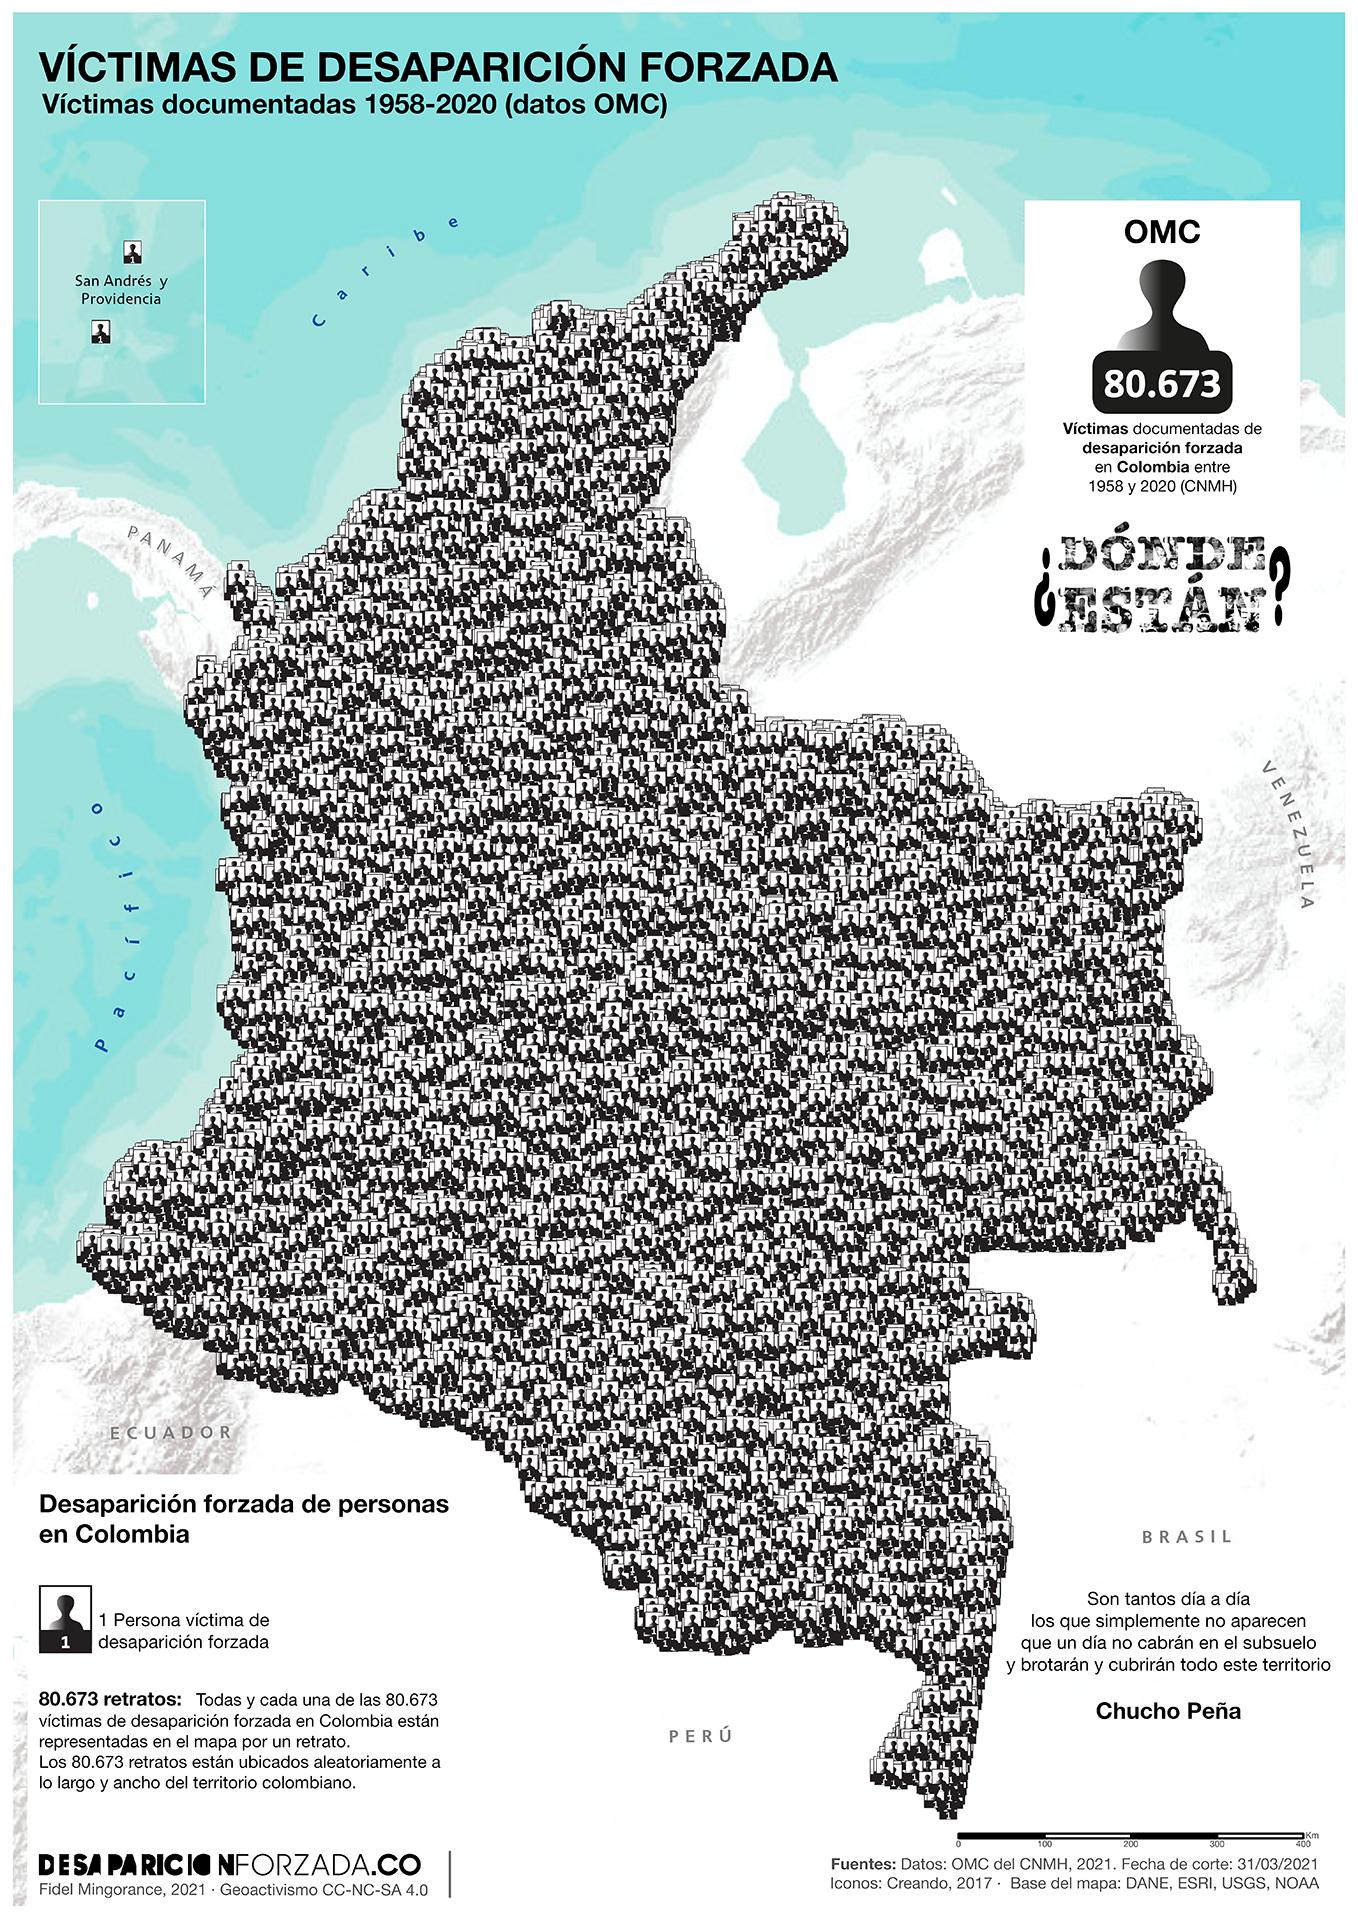 Desaparicion forzada Colombia 1958 - 2020